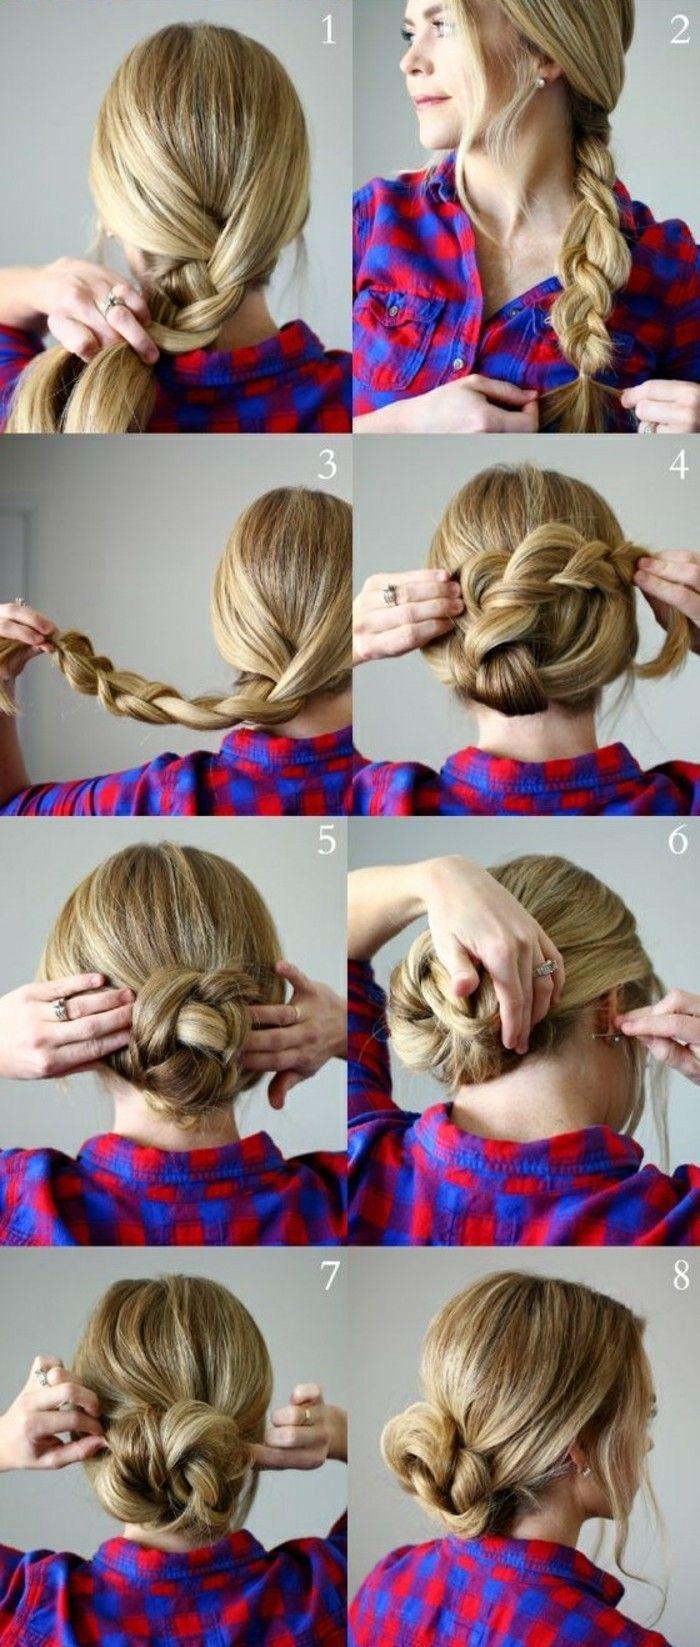 Hochsteckfrisuren selber machen: 58 Anleitungen für effektvolle Frisuren – Arch…